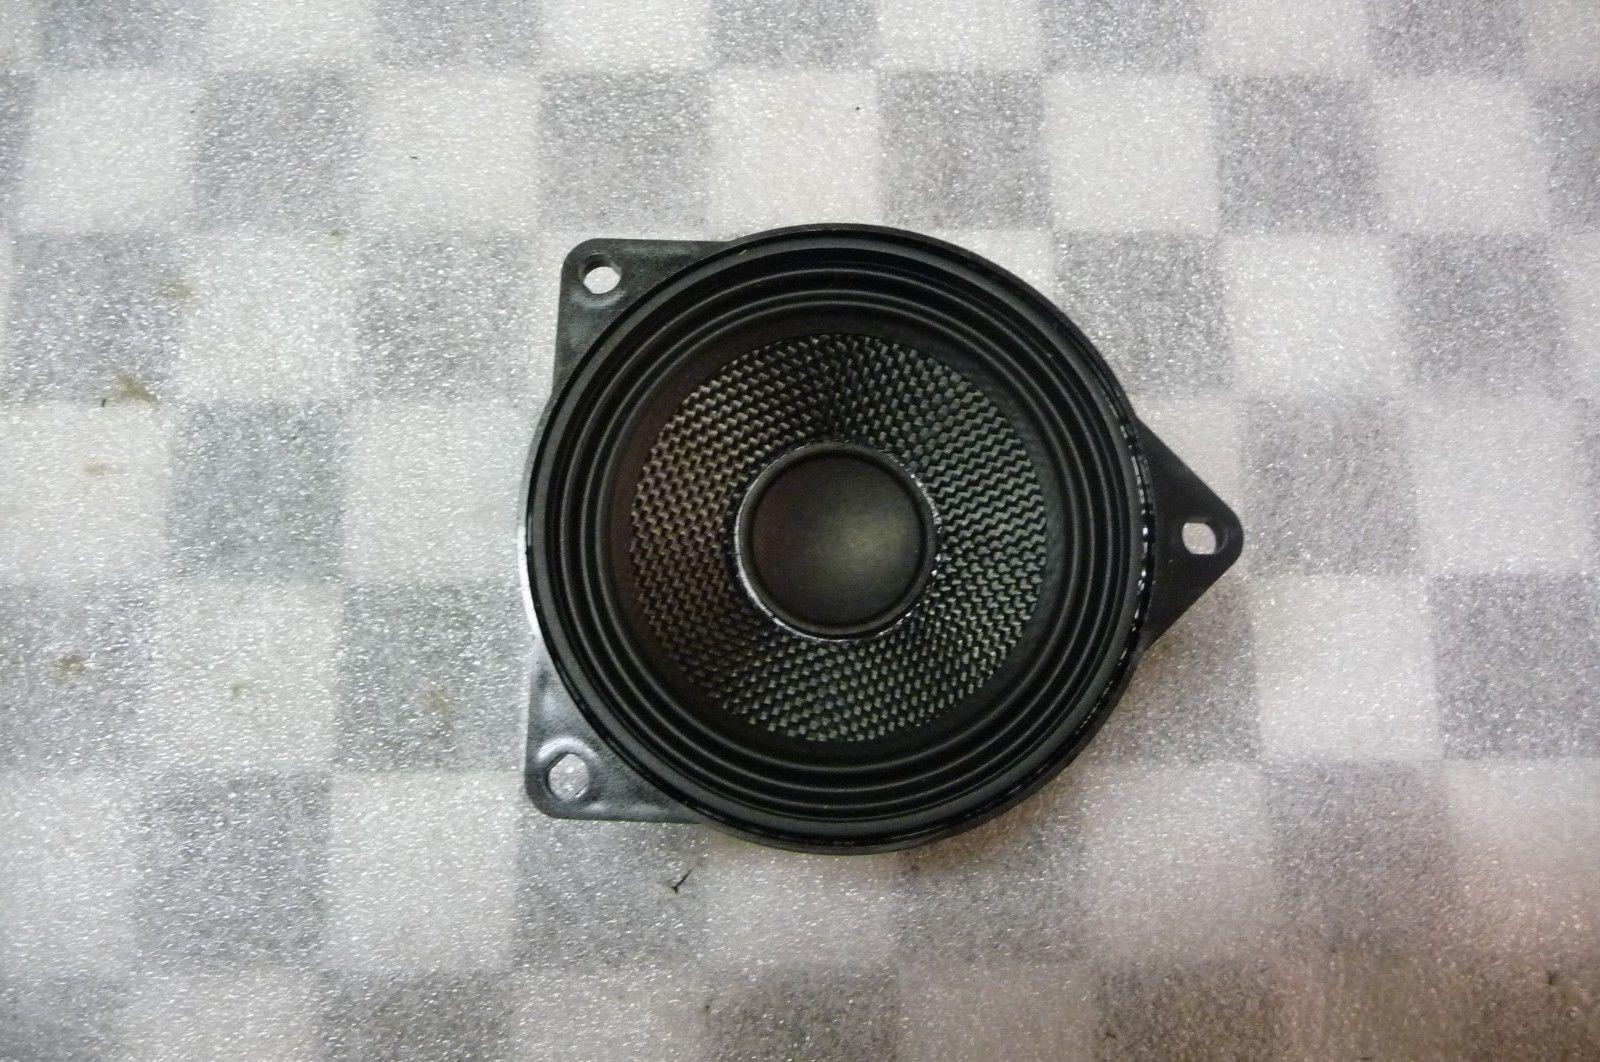 BMW 5 7 X5 X6 Z4 TOP HIFI System Mid-Range Loudspeaker Speaker 65139141501 OEM